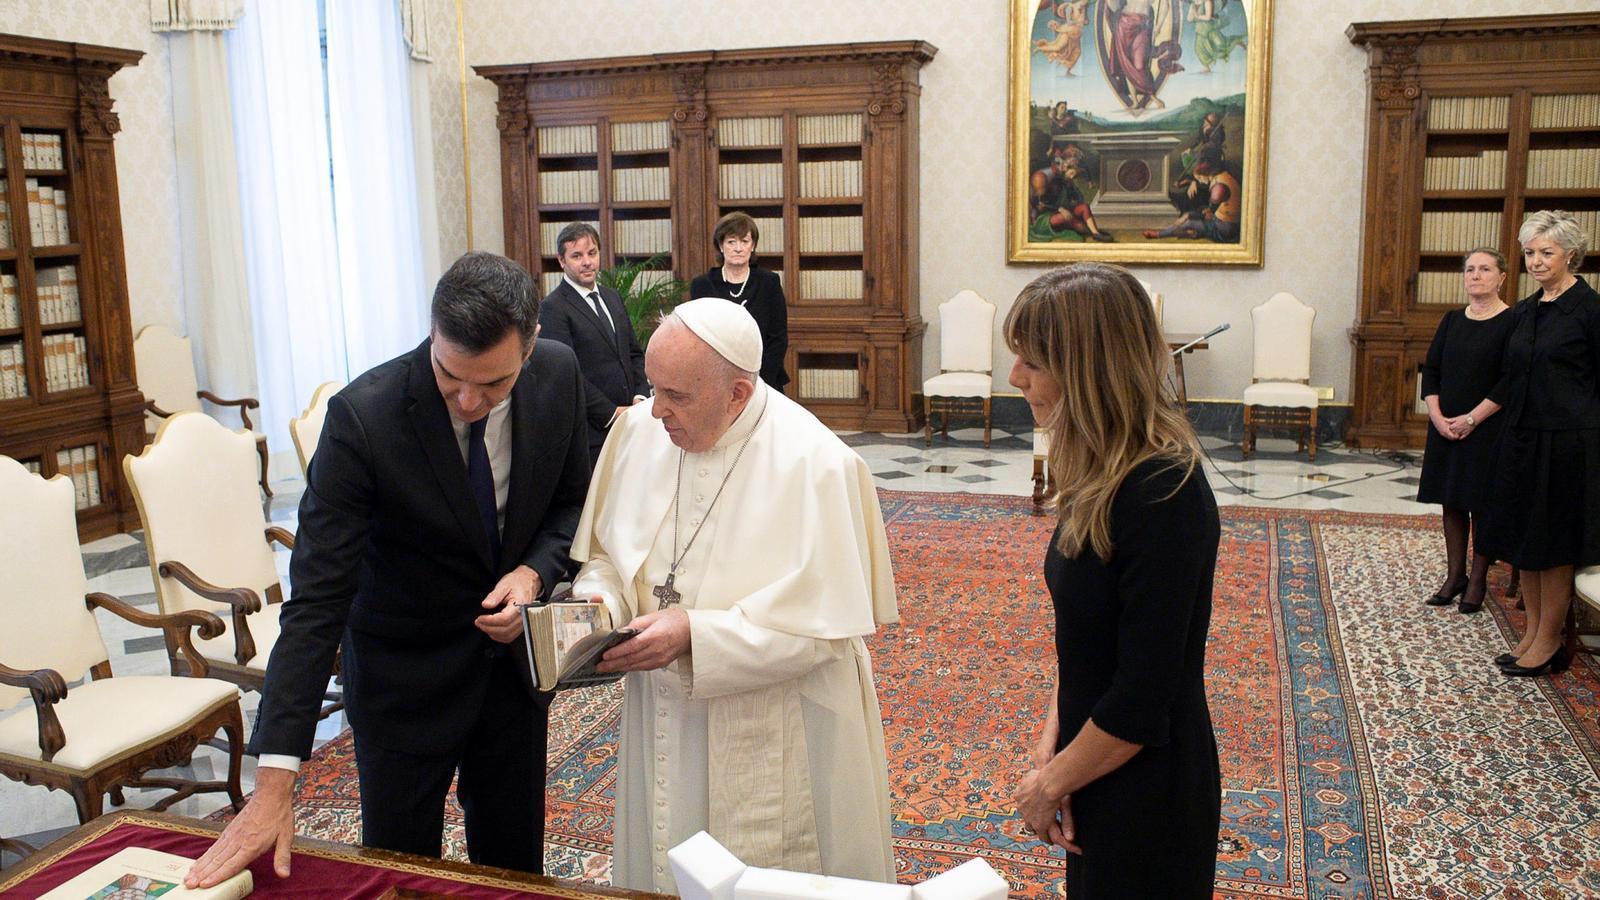 Pedro Sánchez i la seva dona, Begoña Gómez, amb el Papa Francesc sense mascareta durant la reunió de poc més de mitja hora que han mantingut al Vaticà.